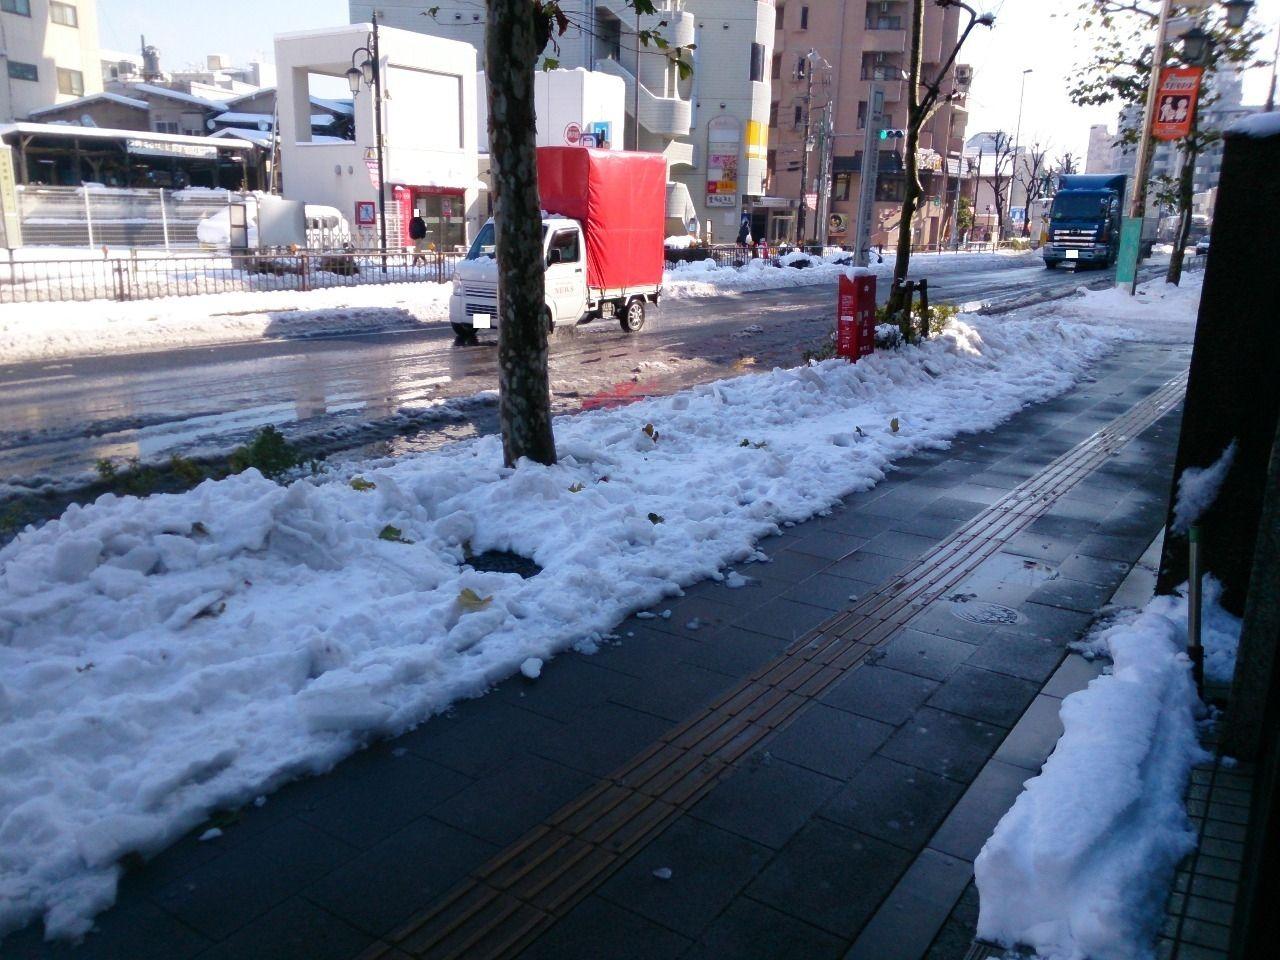 予想以上に雪が降りましたね。雪の影響もあり最低気温が氷点下になっております。今回は雪・凍結における住まいの注意事項をお伝えします。